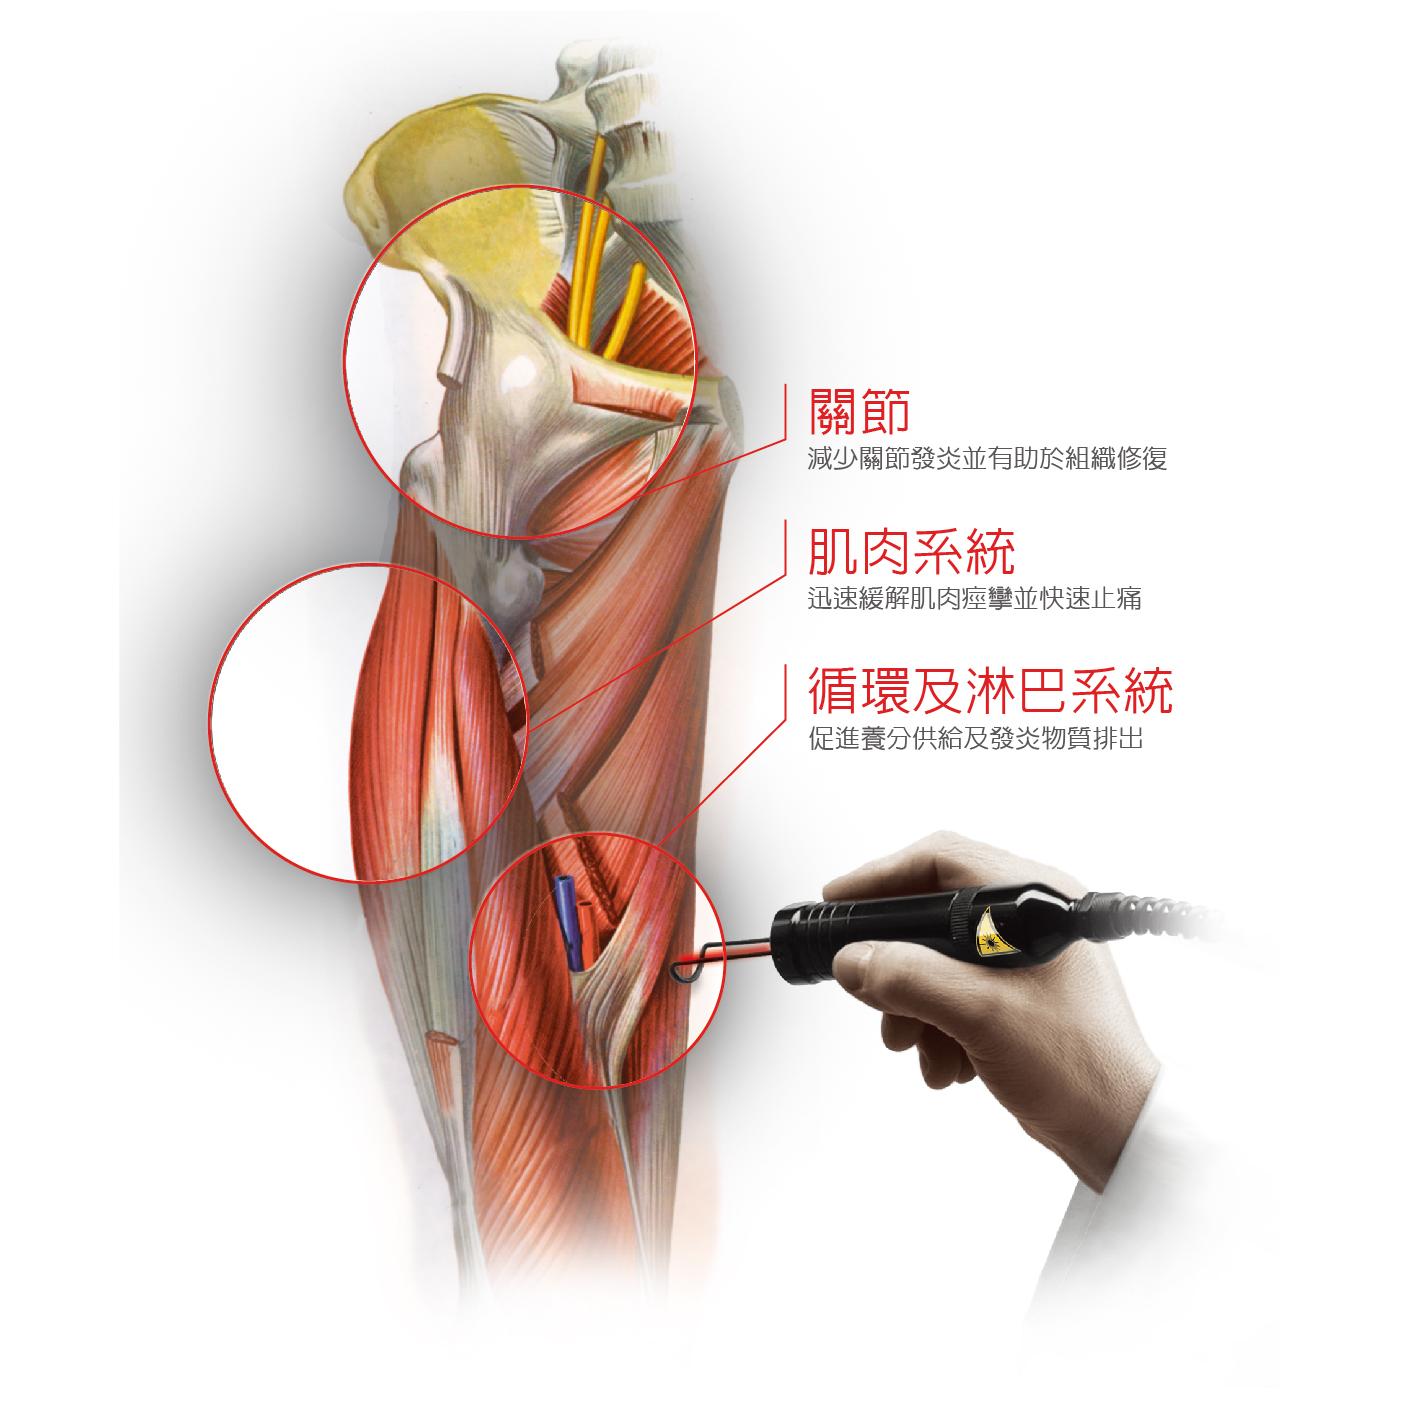 高能量雷射(喜樂雷射)對於肌腱肌肉作用的3D模擬